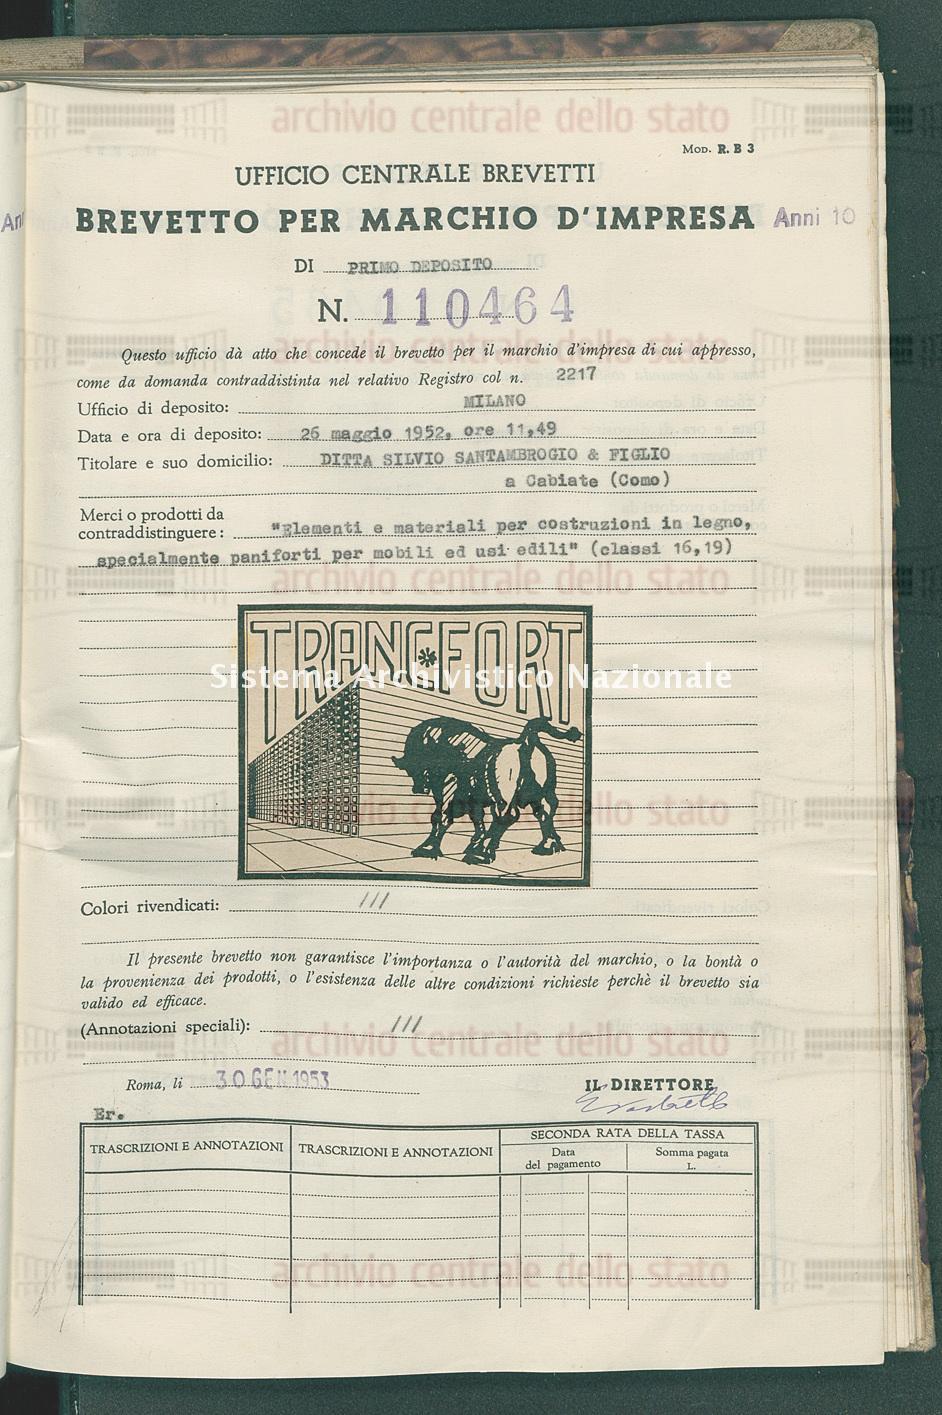 'Elementi e materiali per costruzioni in legno, specialmente ecc. Ditta Silvio Santambrogio & Figlio (30/01/1953)